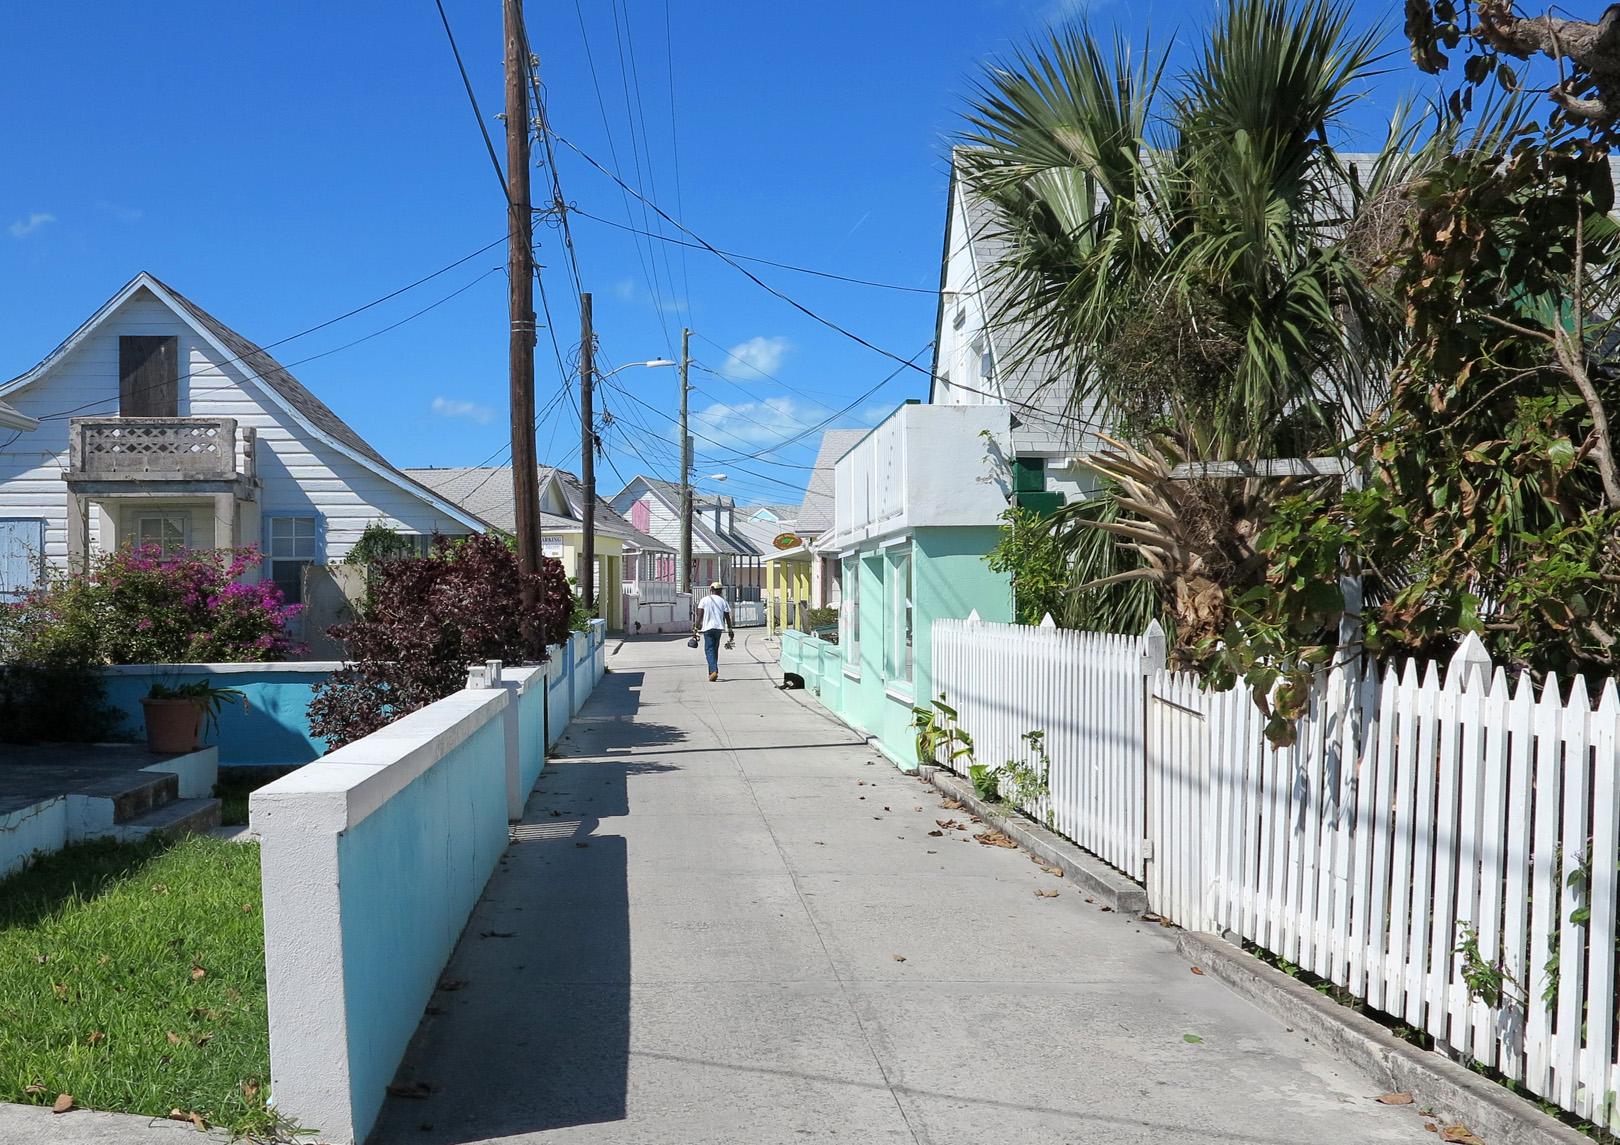 Street Scene - Green Turtle Cay, Abaco, Bahamas